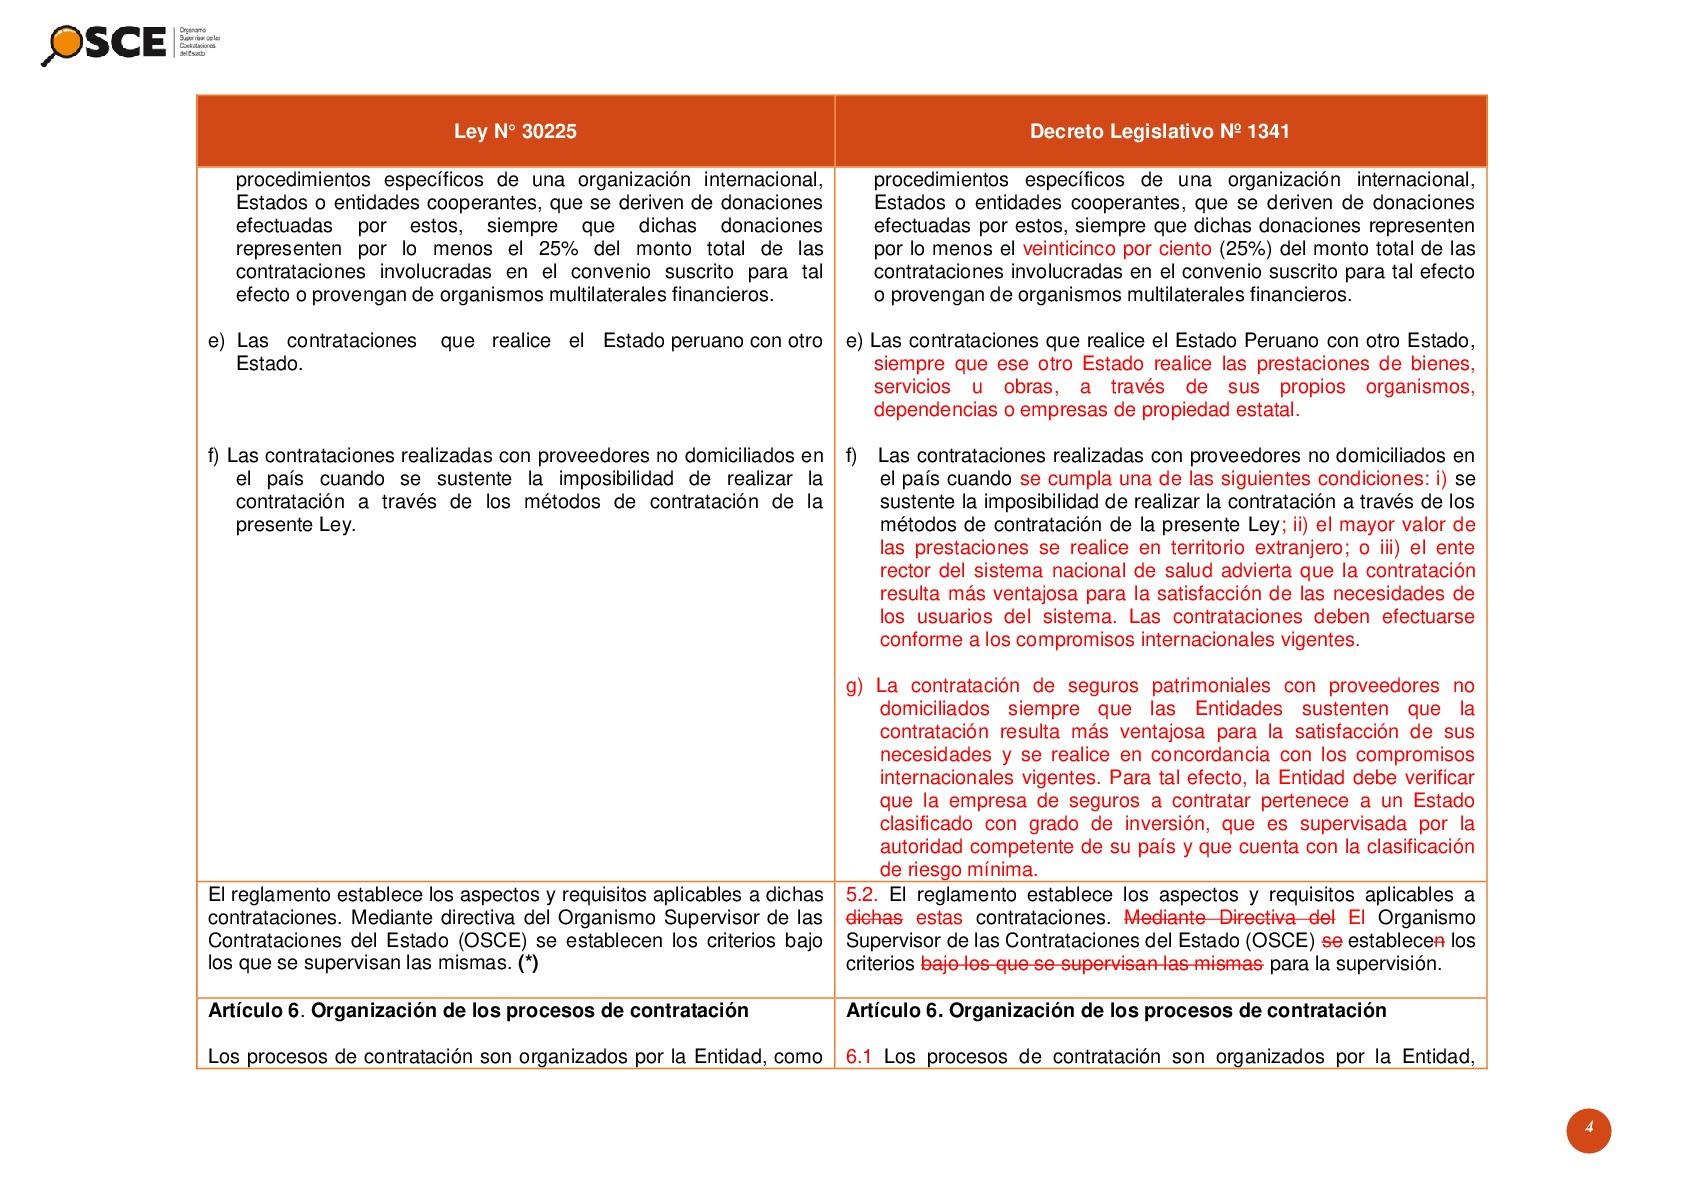 Cuadro Comparativo De La Ley 30225 Y Sus Modificaciones Por Decreto